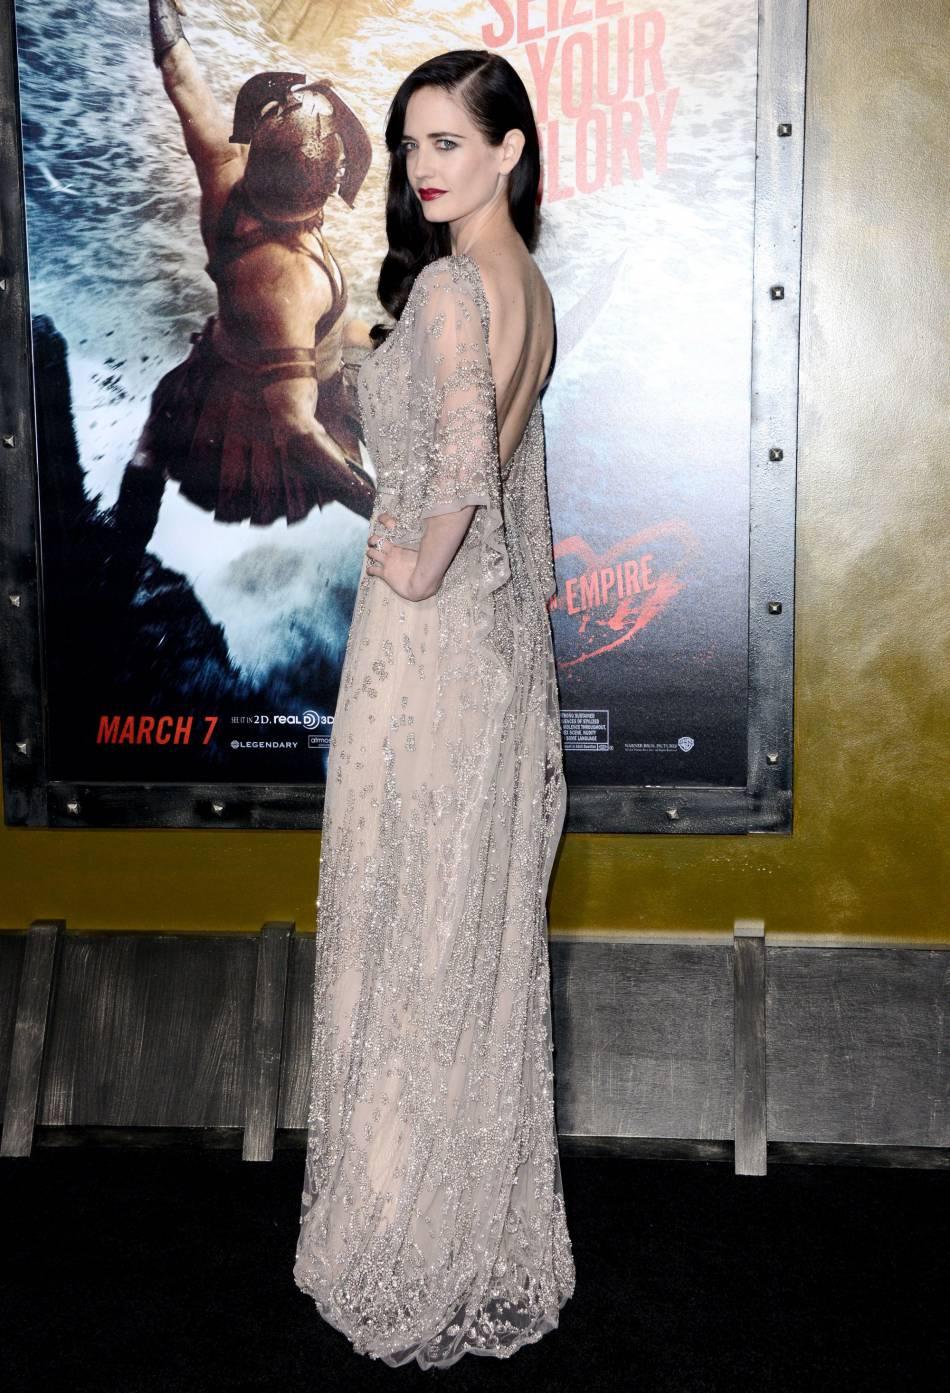 En 2014, Eva Green est absolument parfaite dans cette robe ivoire transparente, rebrodée de perles et sequins avec un décolleté dans le dos.